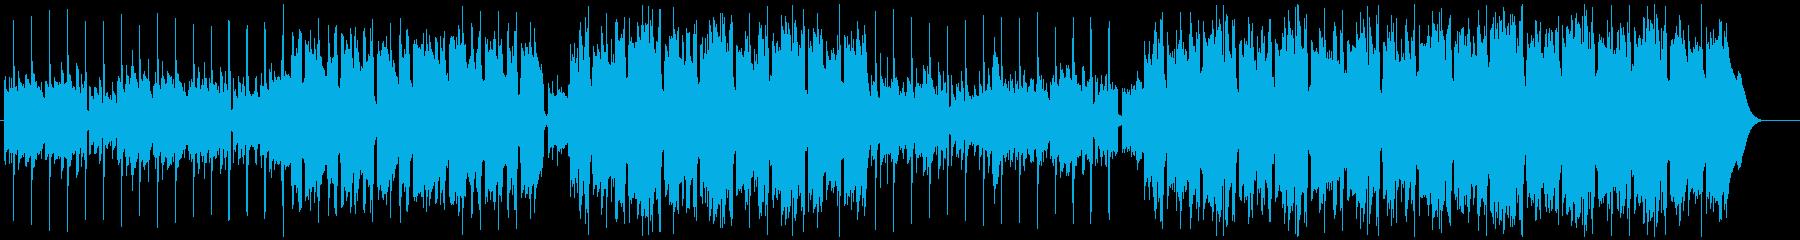 切なくてかっこいいアコギが特徴 Vlogの再生済みの波形